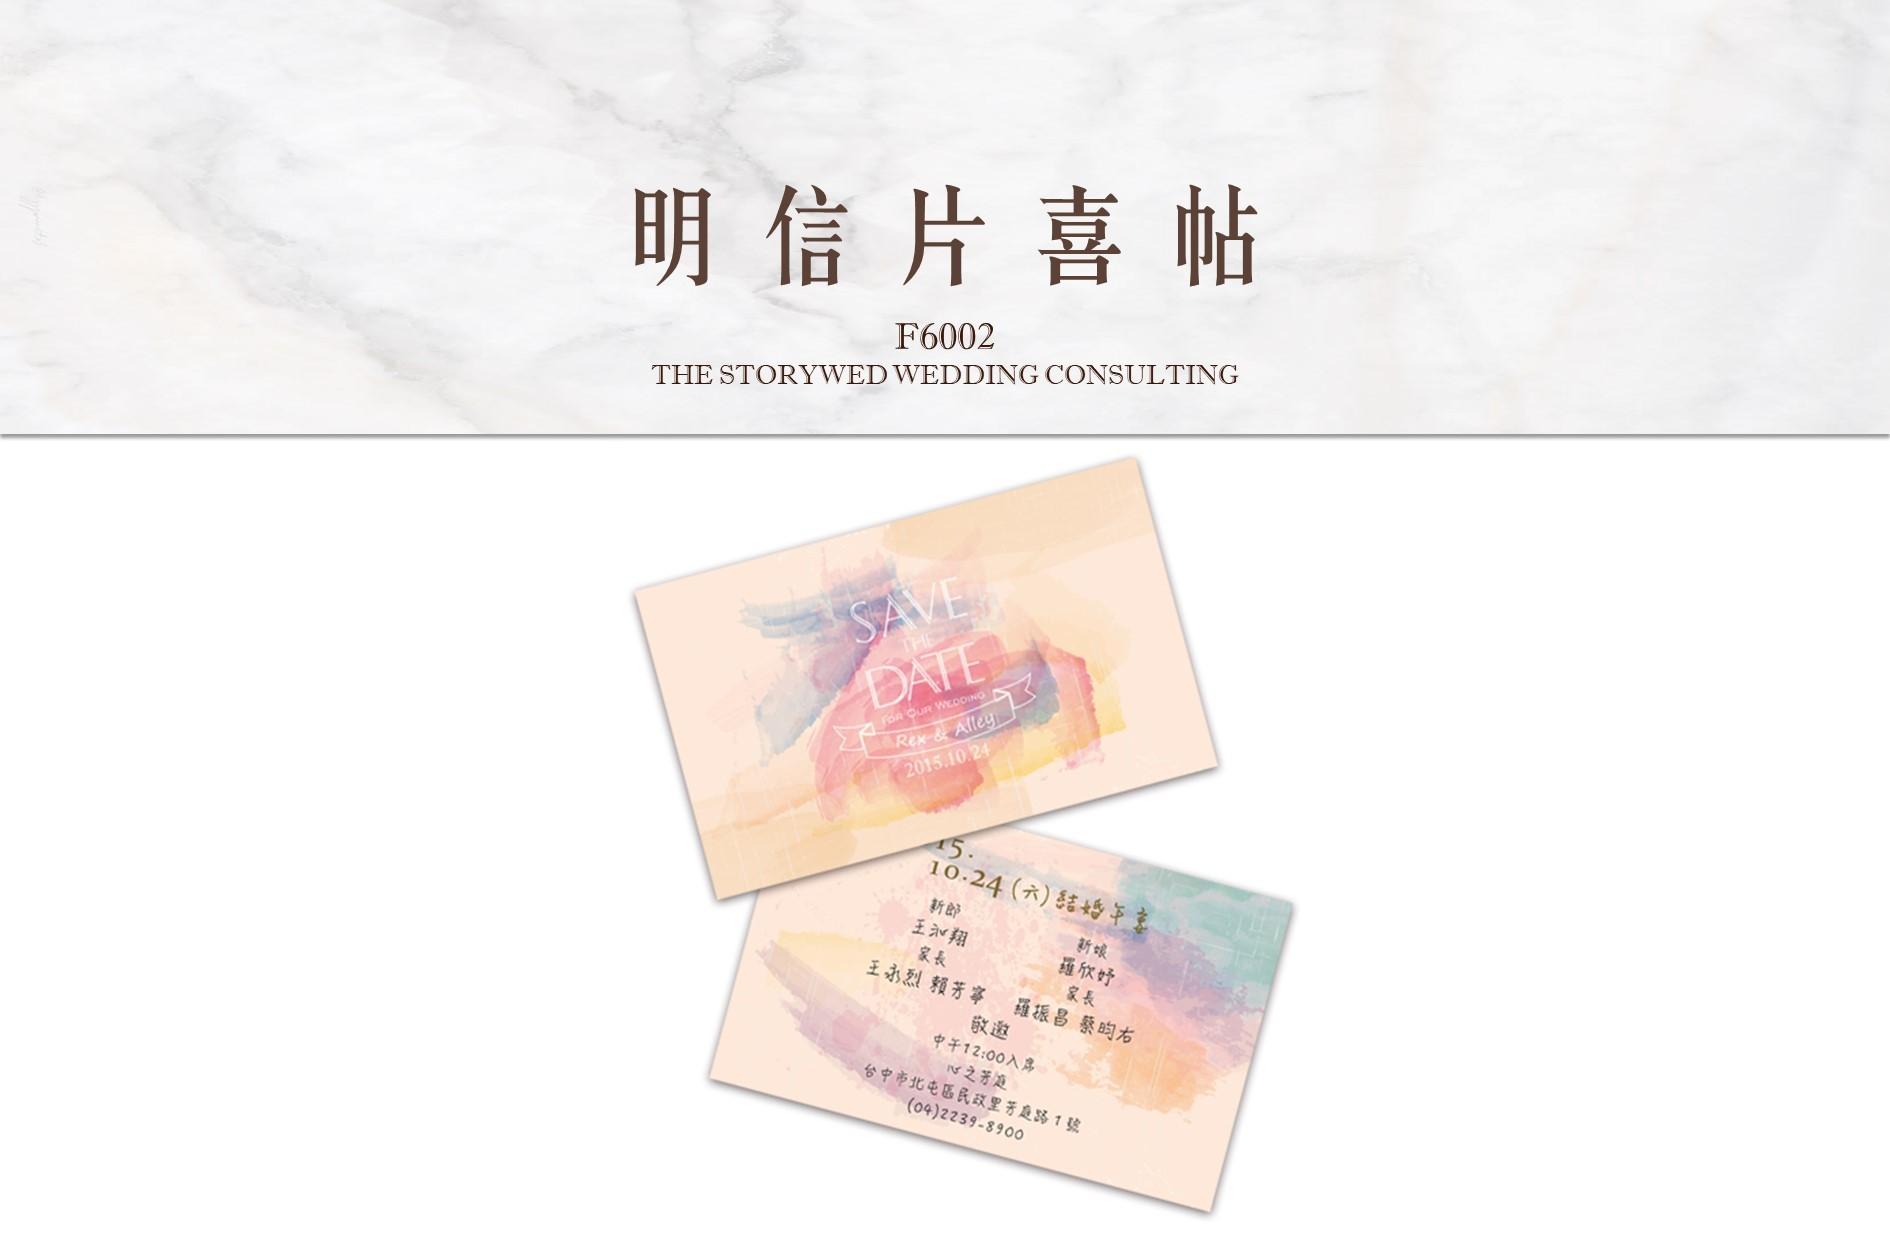 〖婚卡喜帖〗明信片喜帖 F6002